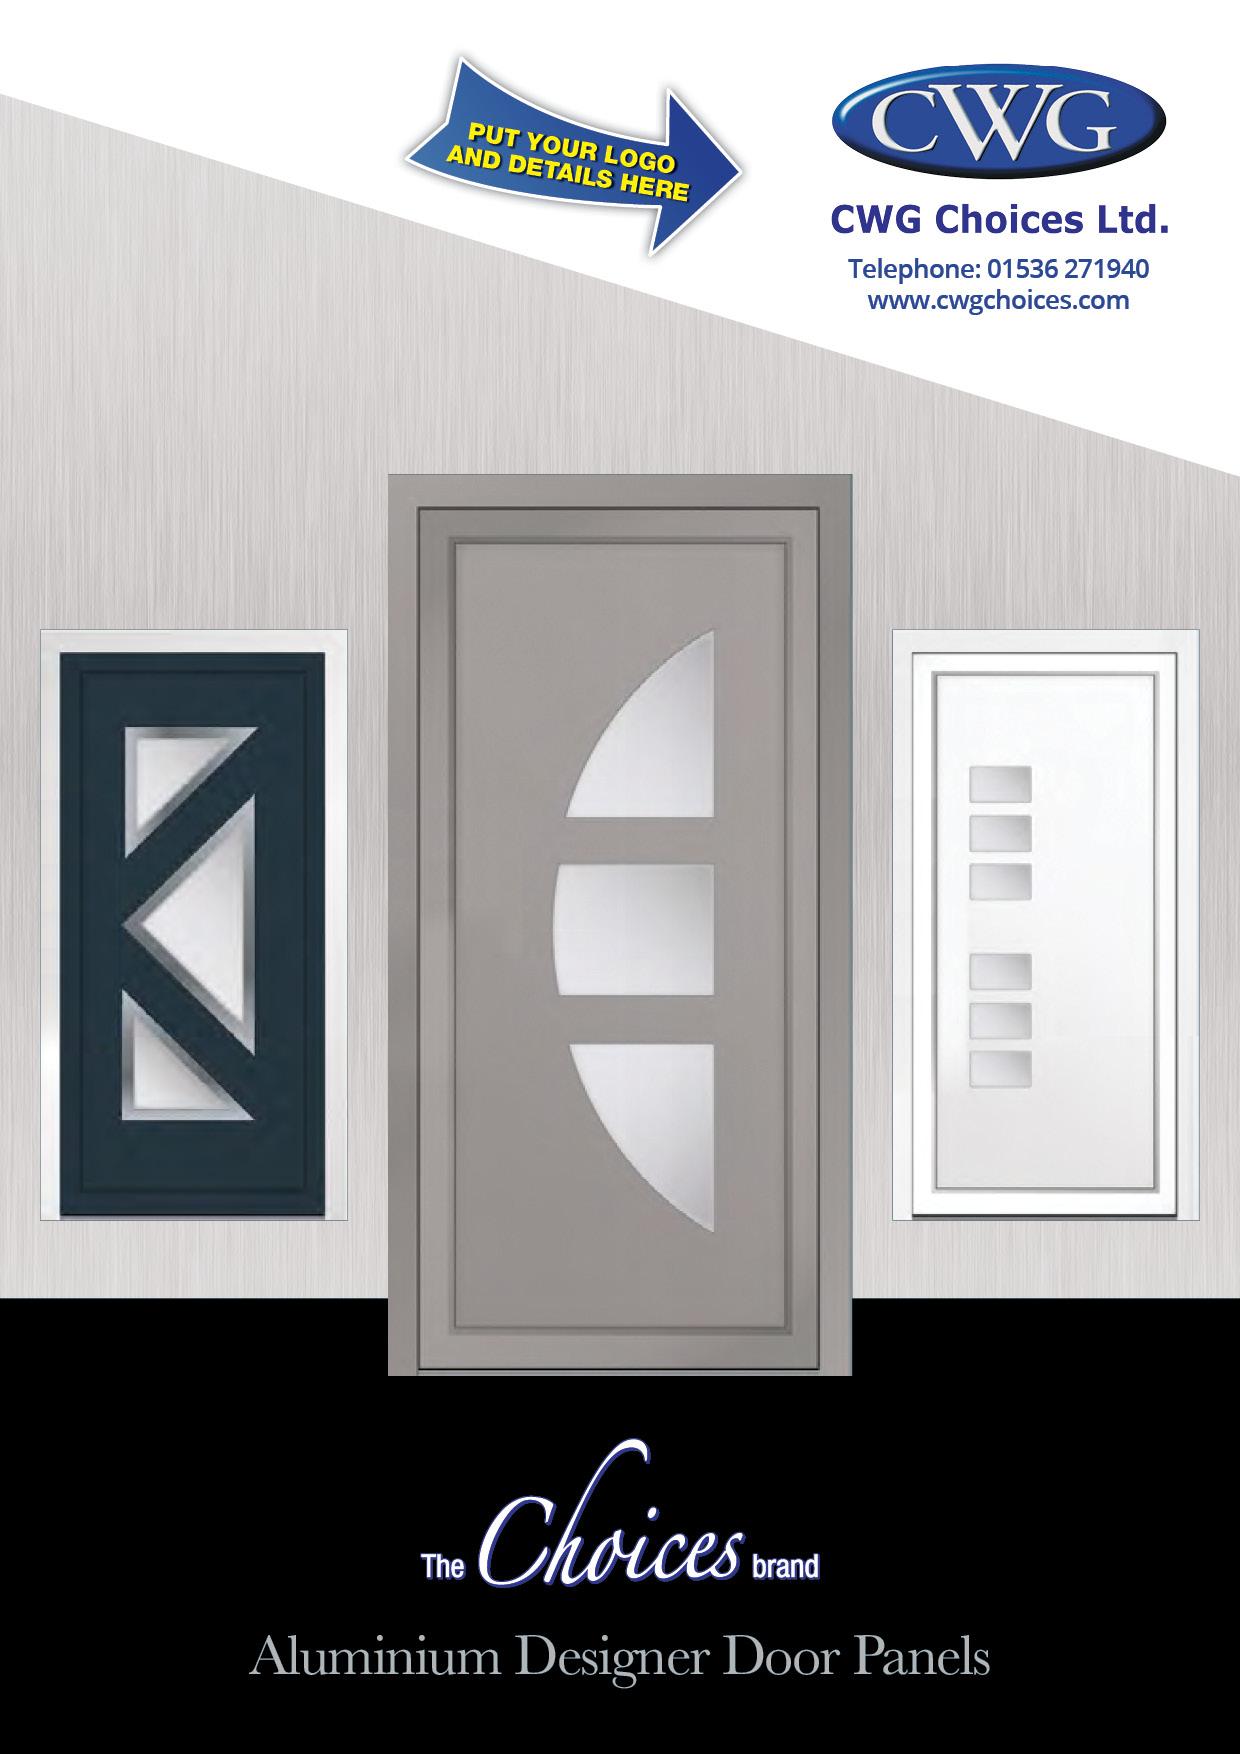 Choices Aluminium Designer Door Panels brochure cover